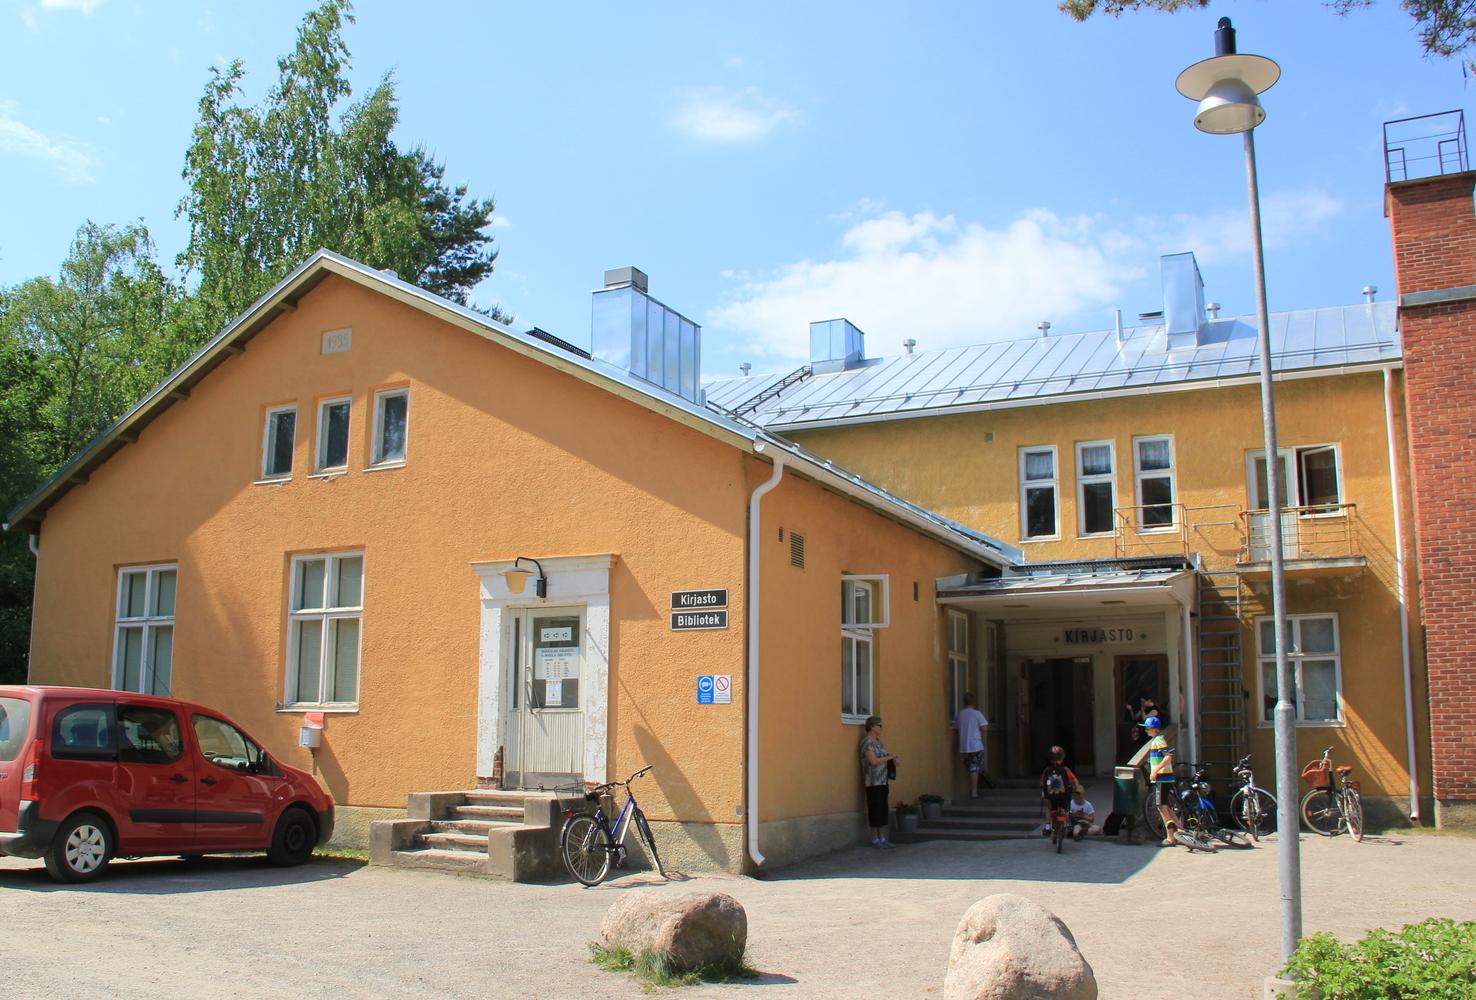 Veikkolan kirjasto